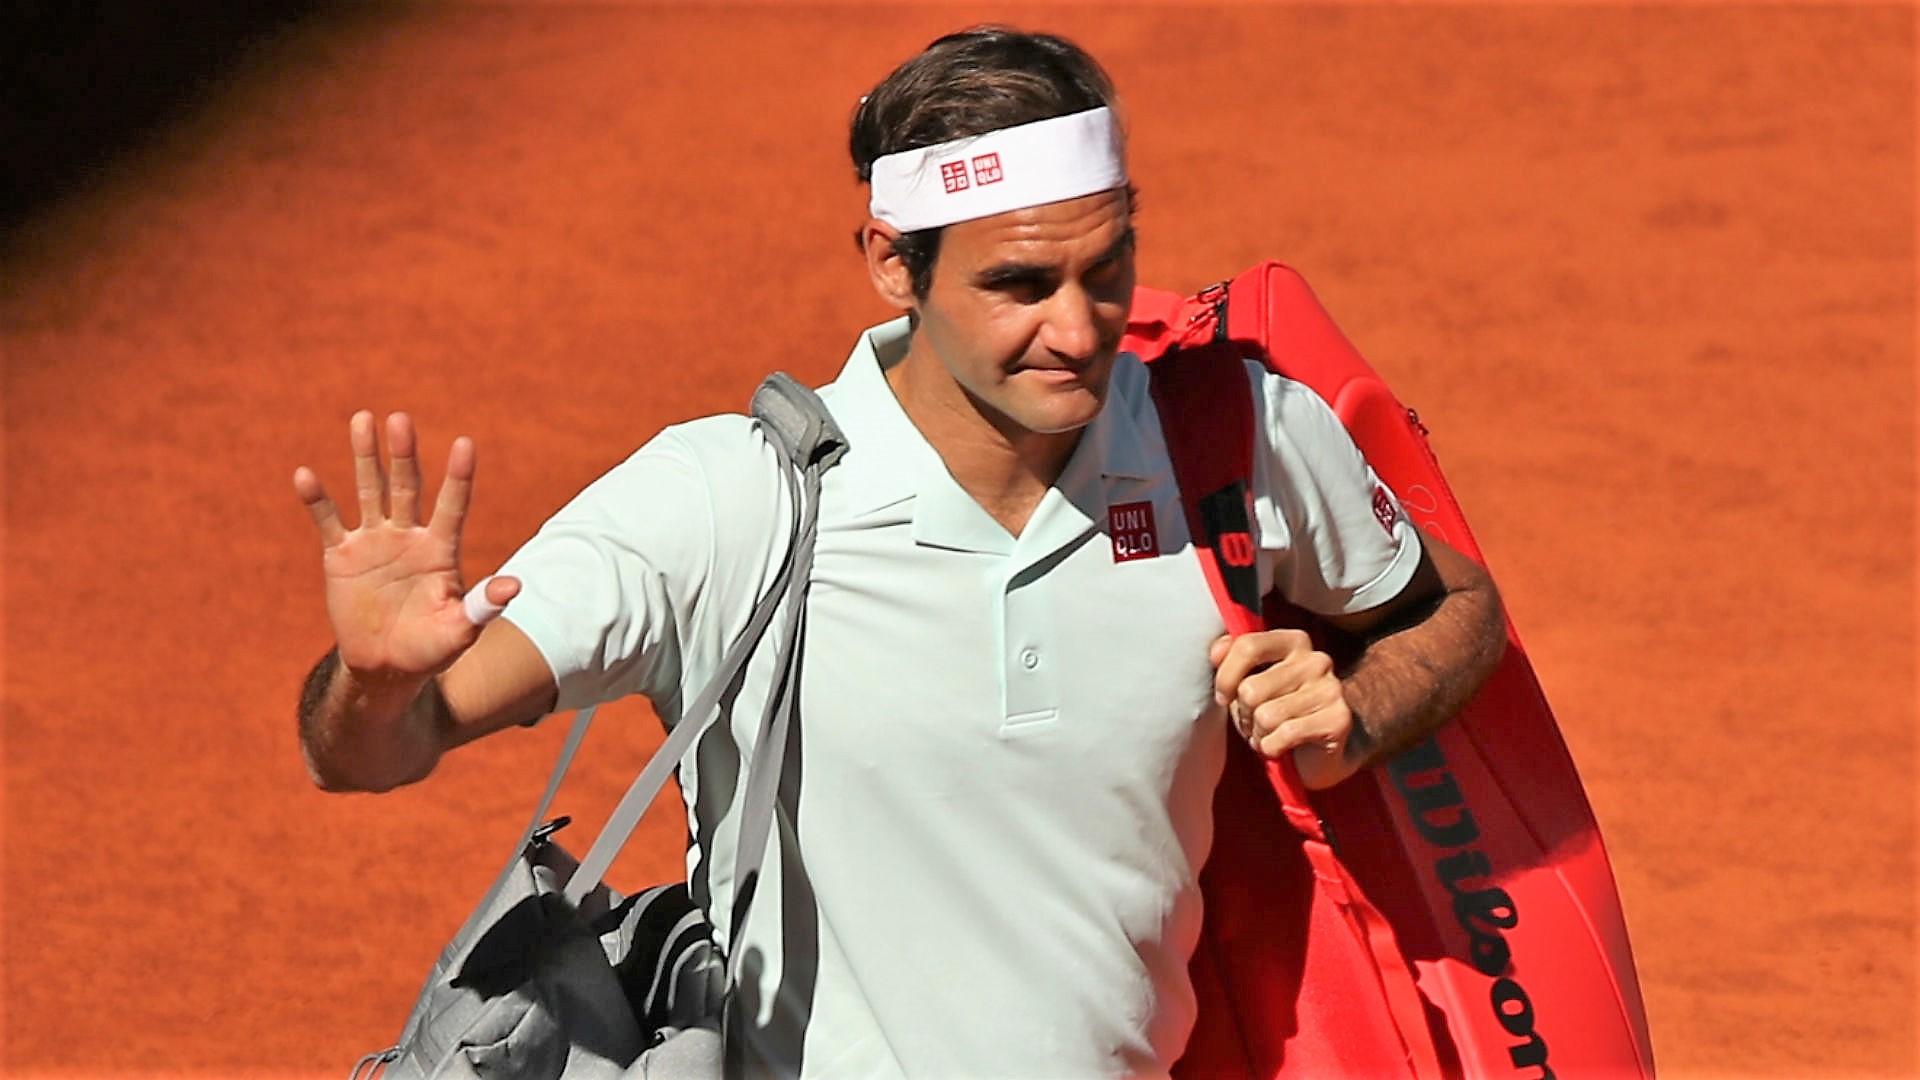 Dopo il diluvio i forfait, Roma perde re Federer